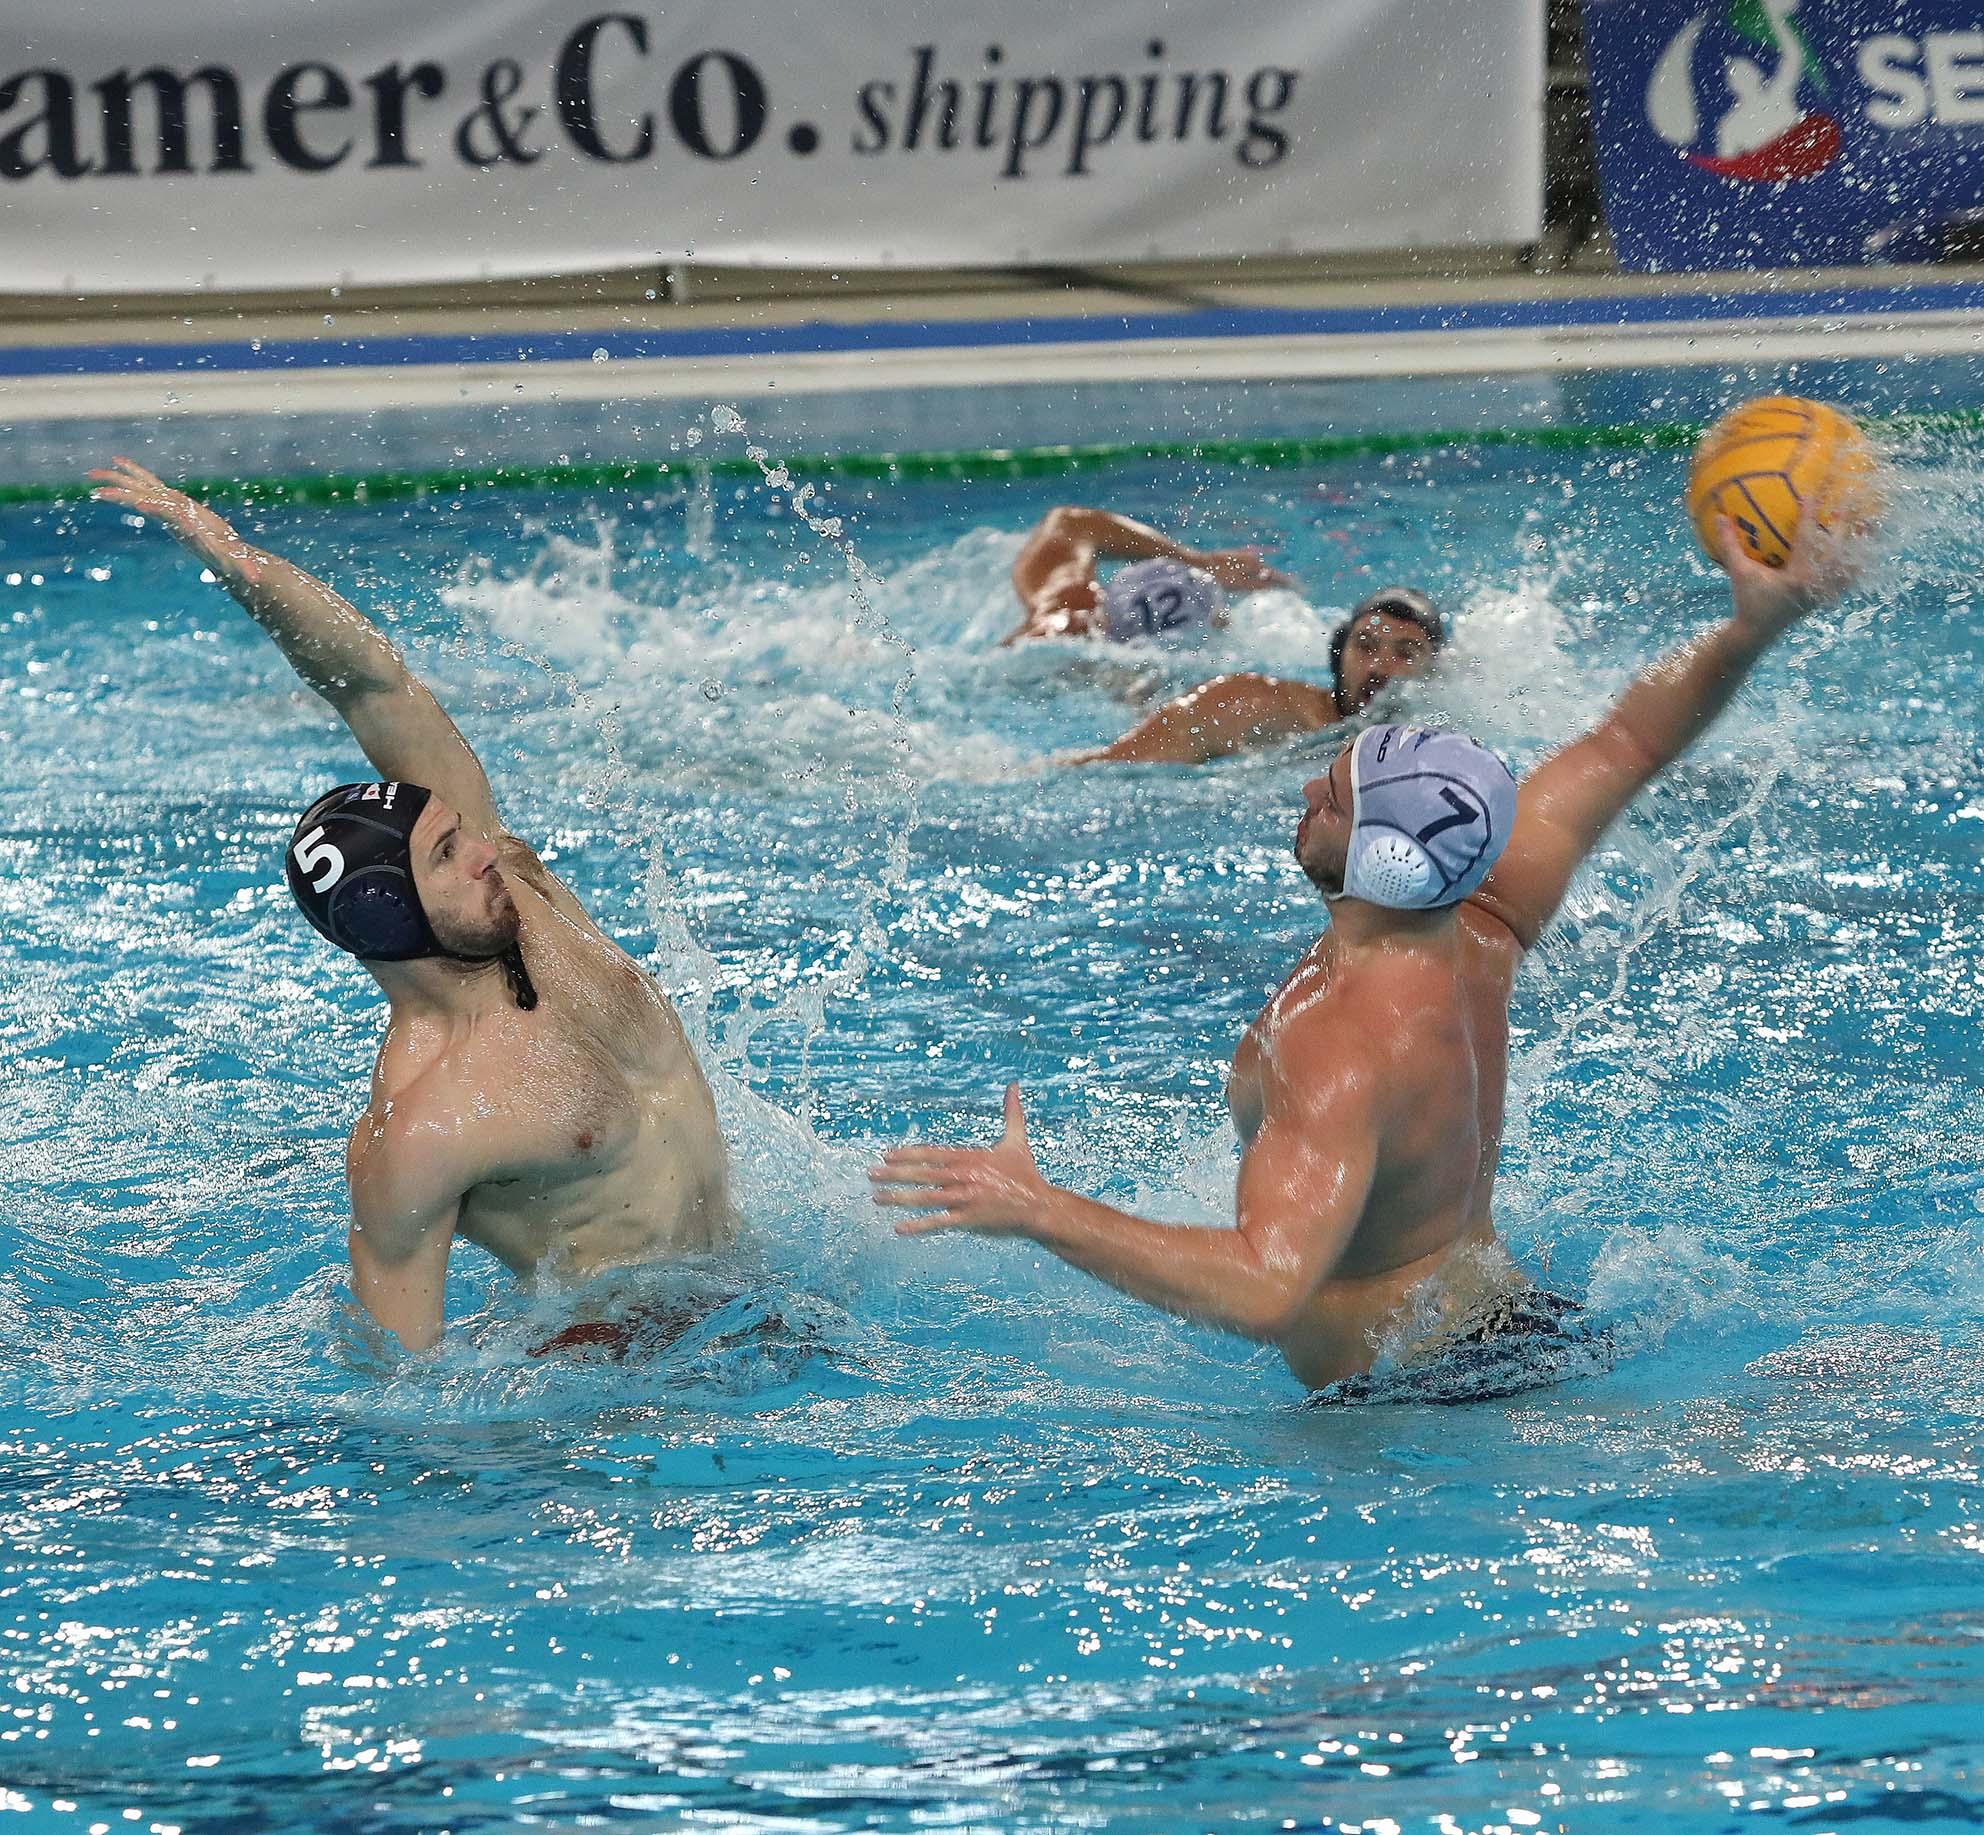 """Battaglia alla """"Bruno Bianchi"""", la Pallanuoto Trieste supera la Roma Nuoto (8-7). Decide un gol di Mezzarobba a 120'' dalla fine. L'allenatore Bettini: """"E' stata durissima, tre punti importanti"""""""